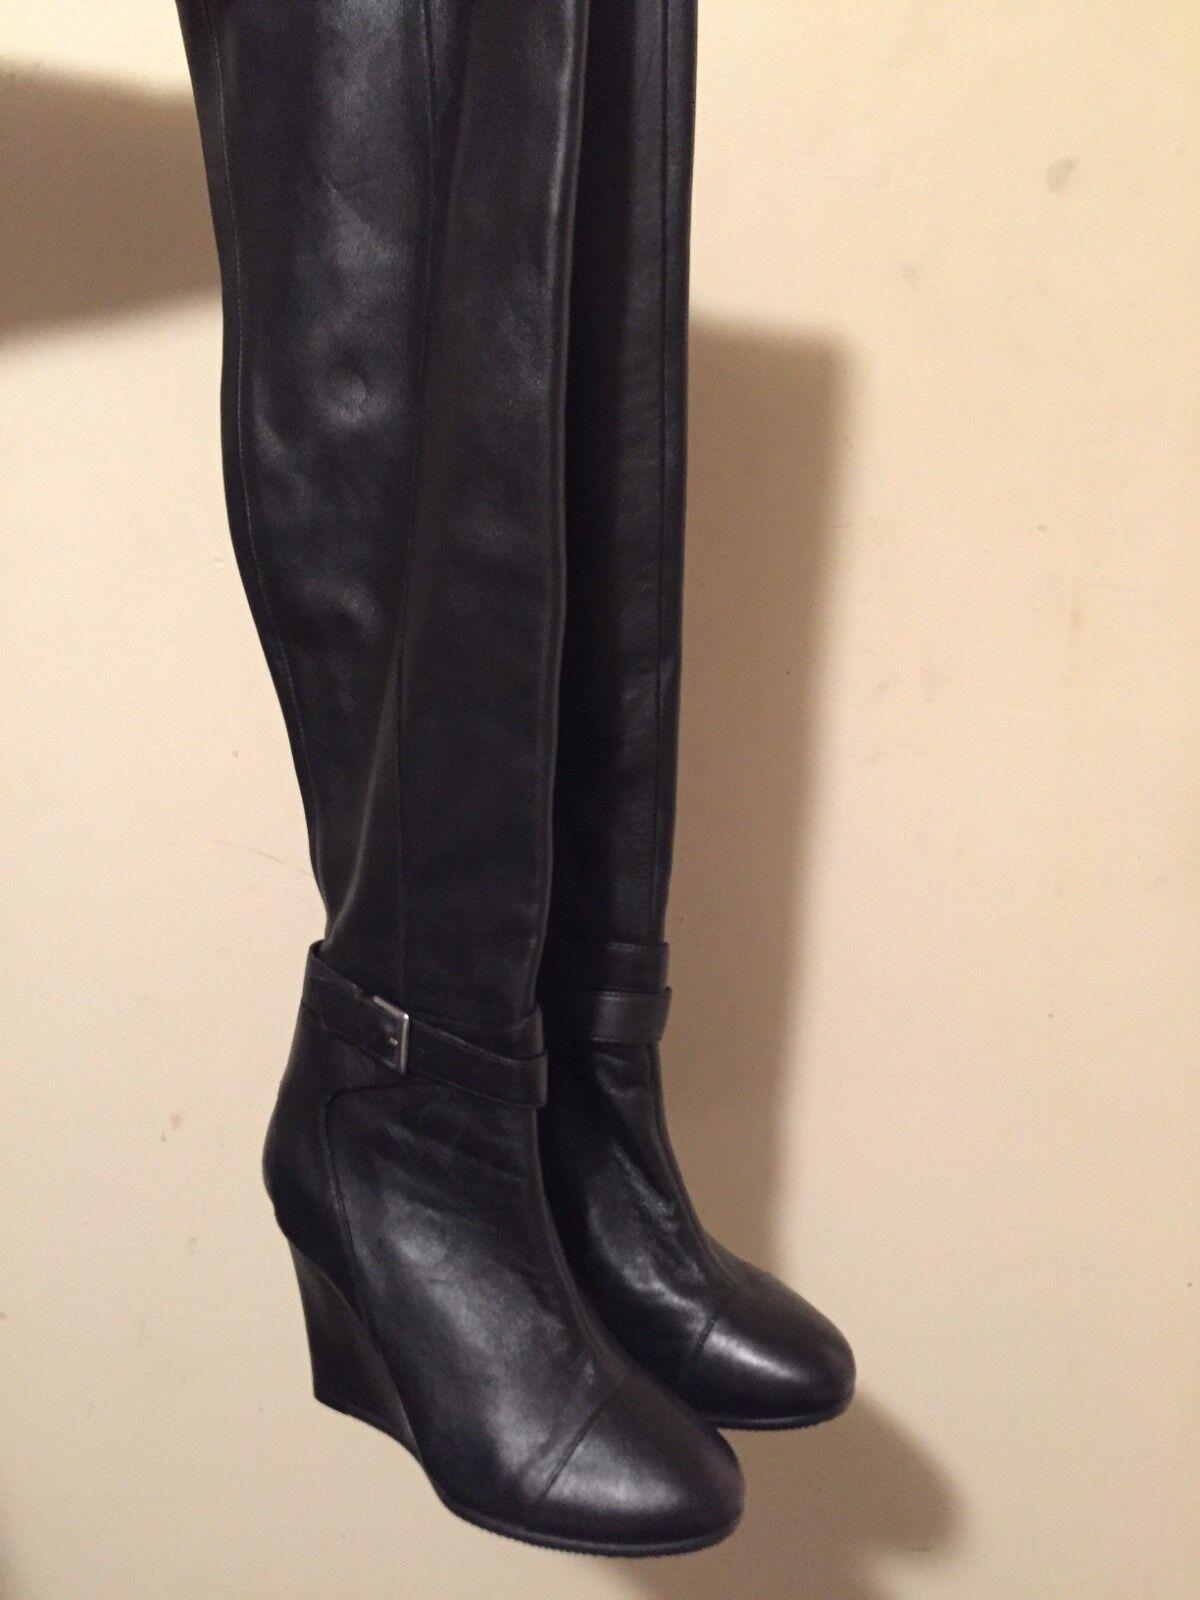 Kelsie Dagger genuine Leder tall boots sz 8